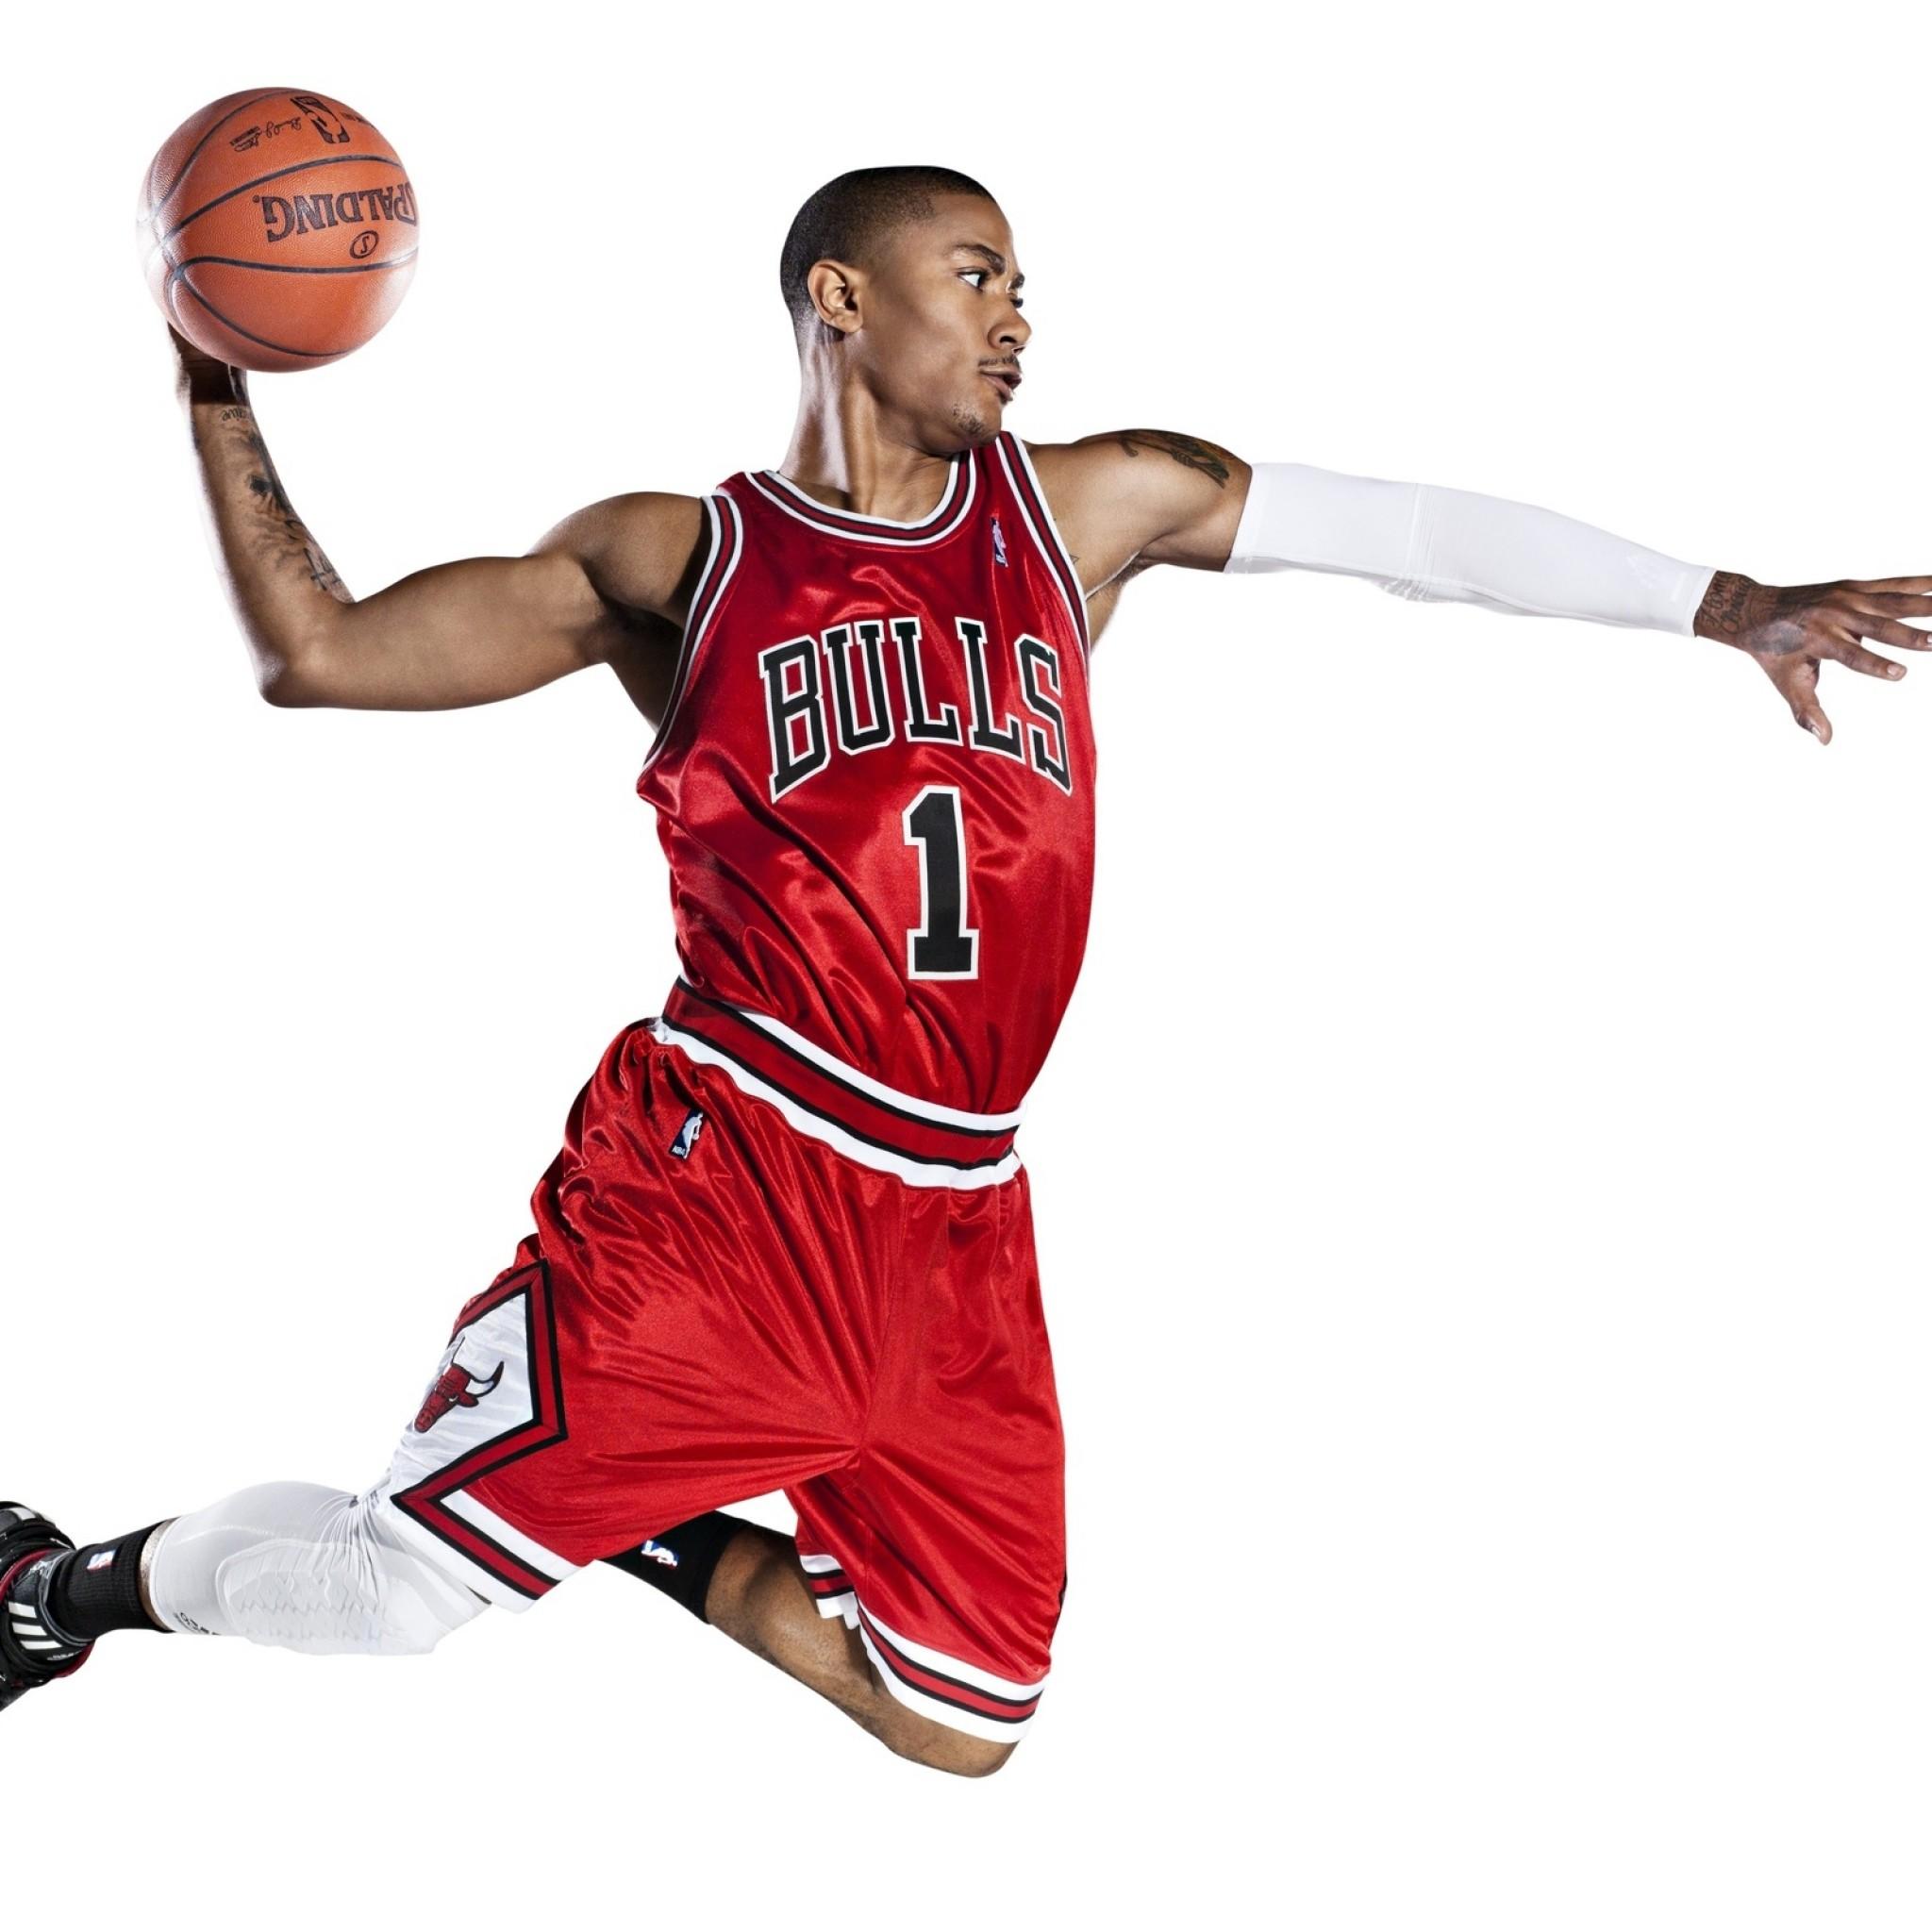 Wallpaper chicago bulls, slam dunk, basketball, nba, derrick rose